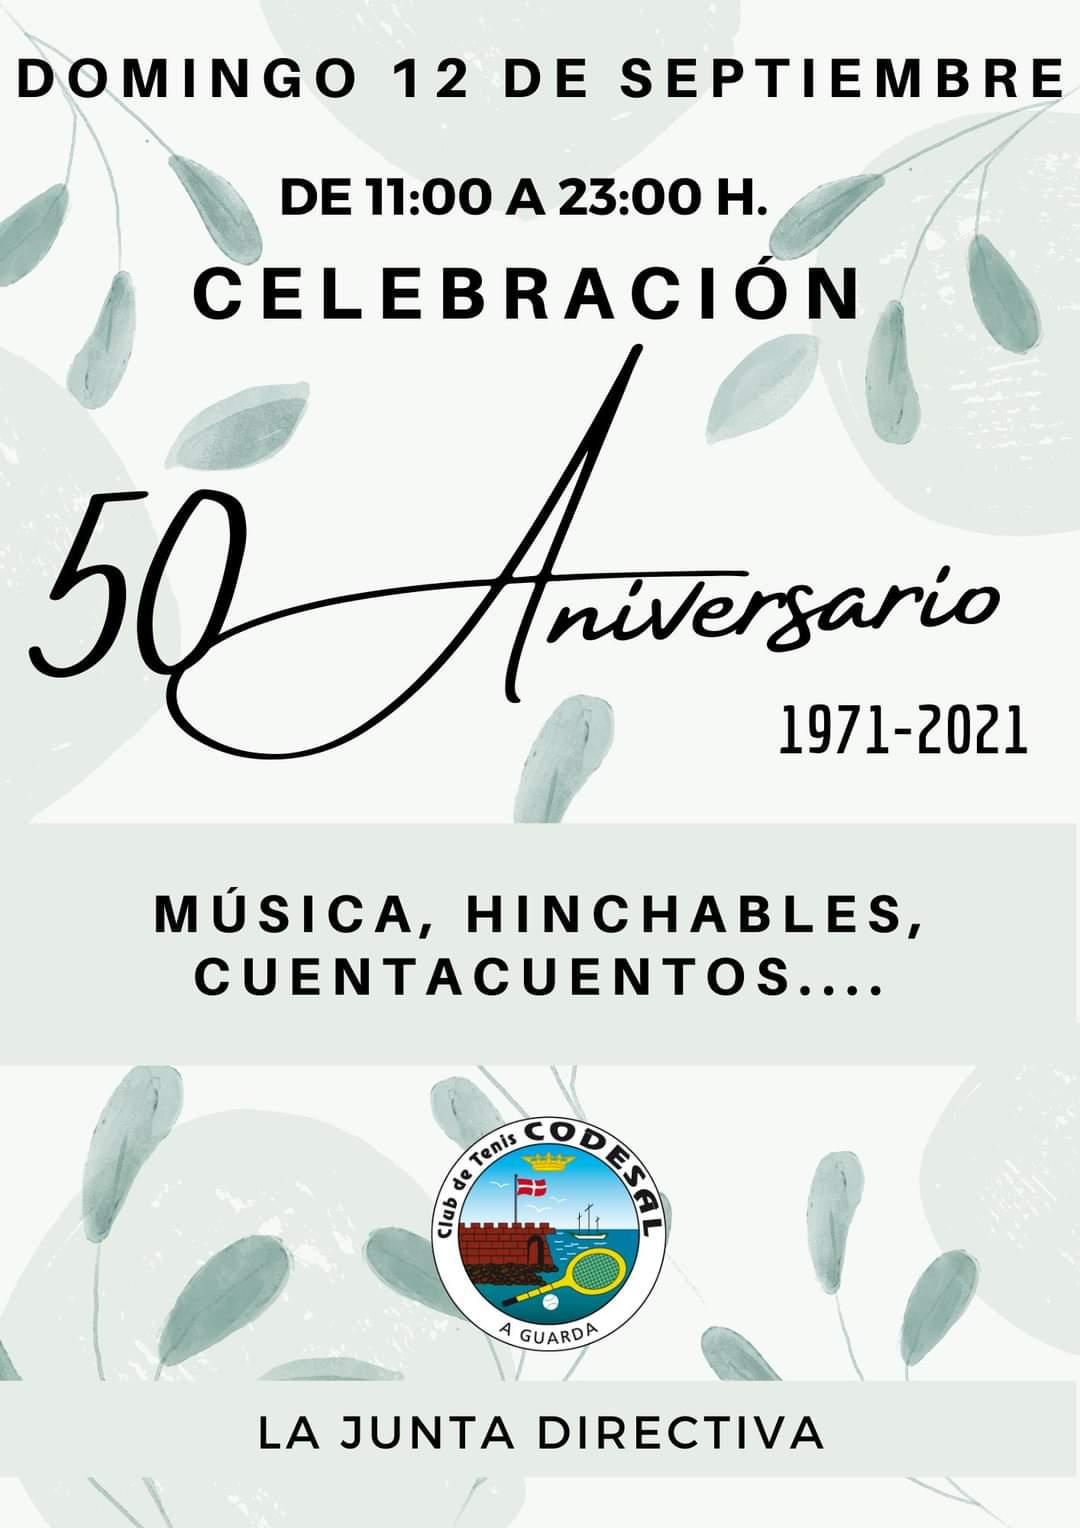 El domingo 12 de septiembre será la Celebración del 50 aniversario del Club de Tenis Codesal